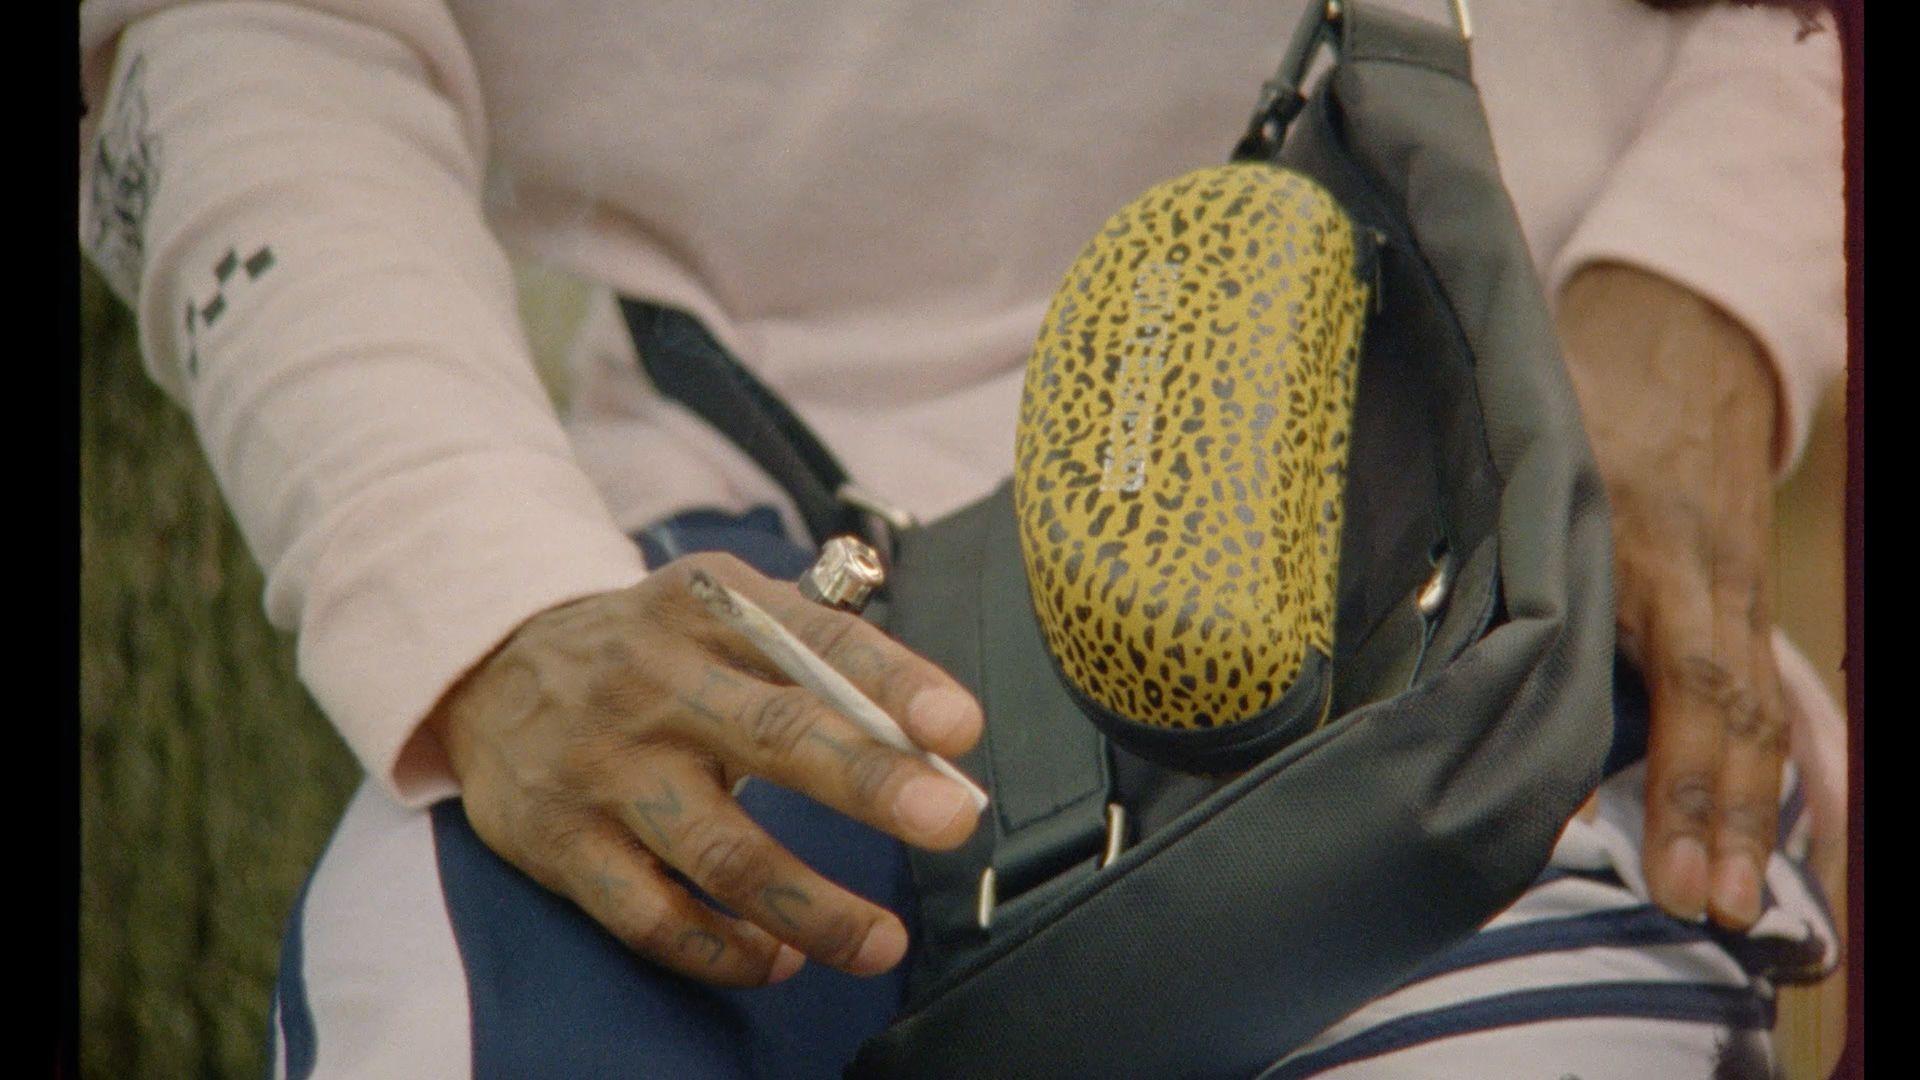 Nate Husser rap singer video La Beatmakerie filmed by Les Gamins